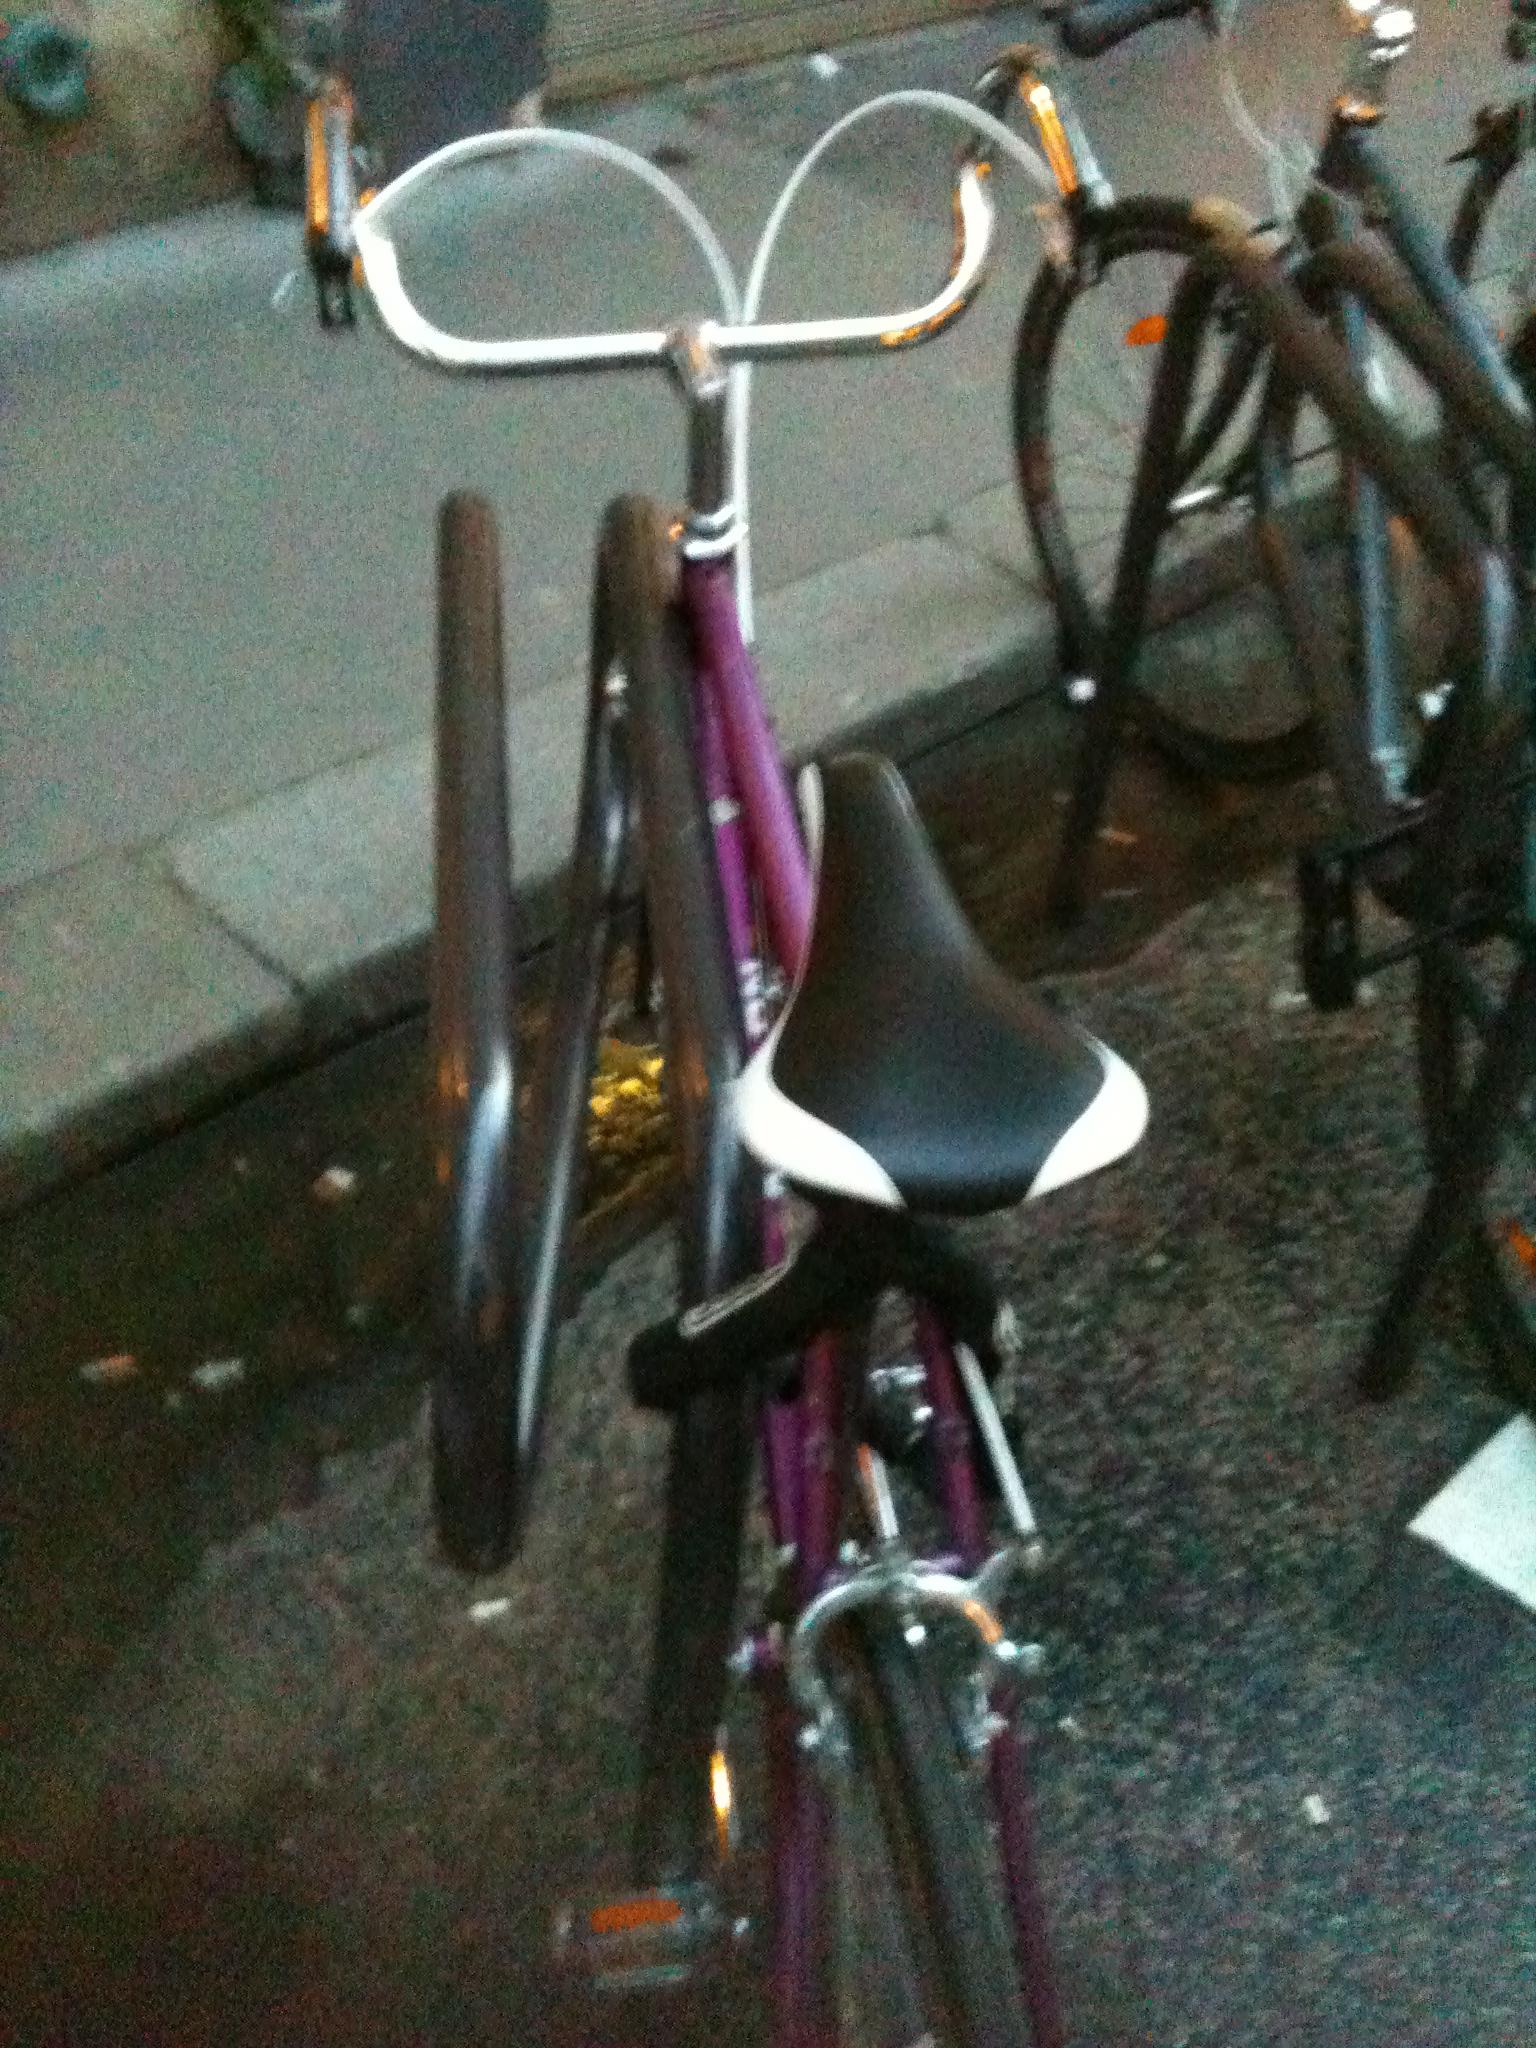 Bici park (Les Marais, Paris)